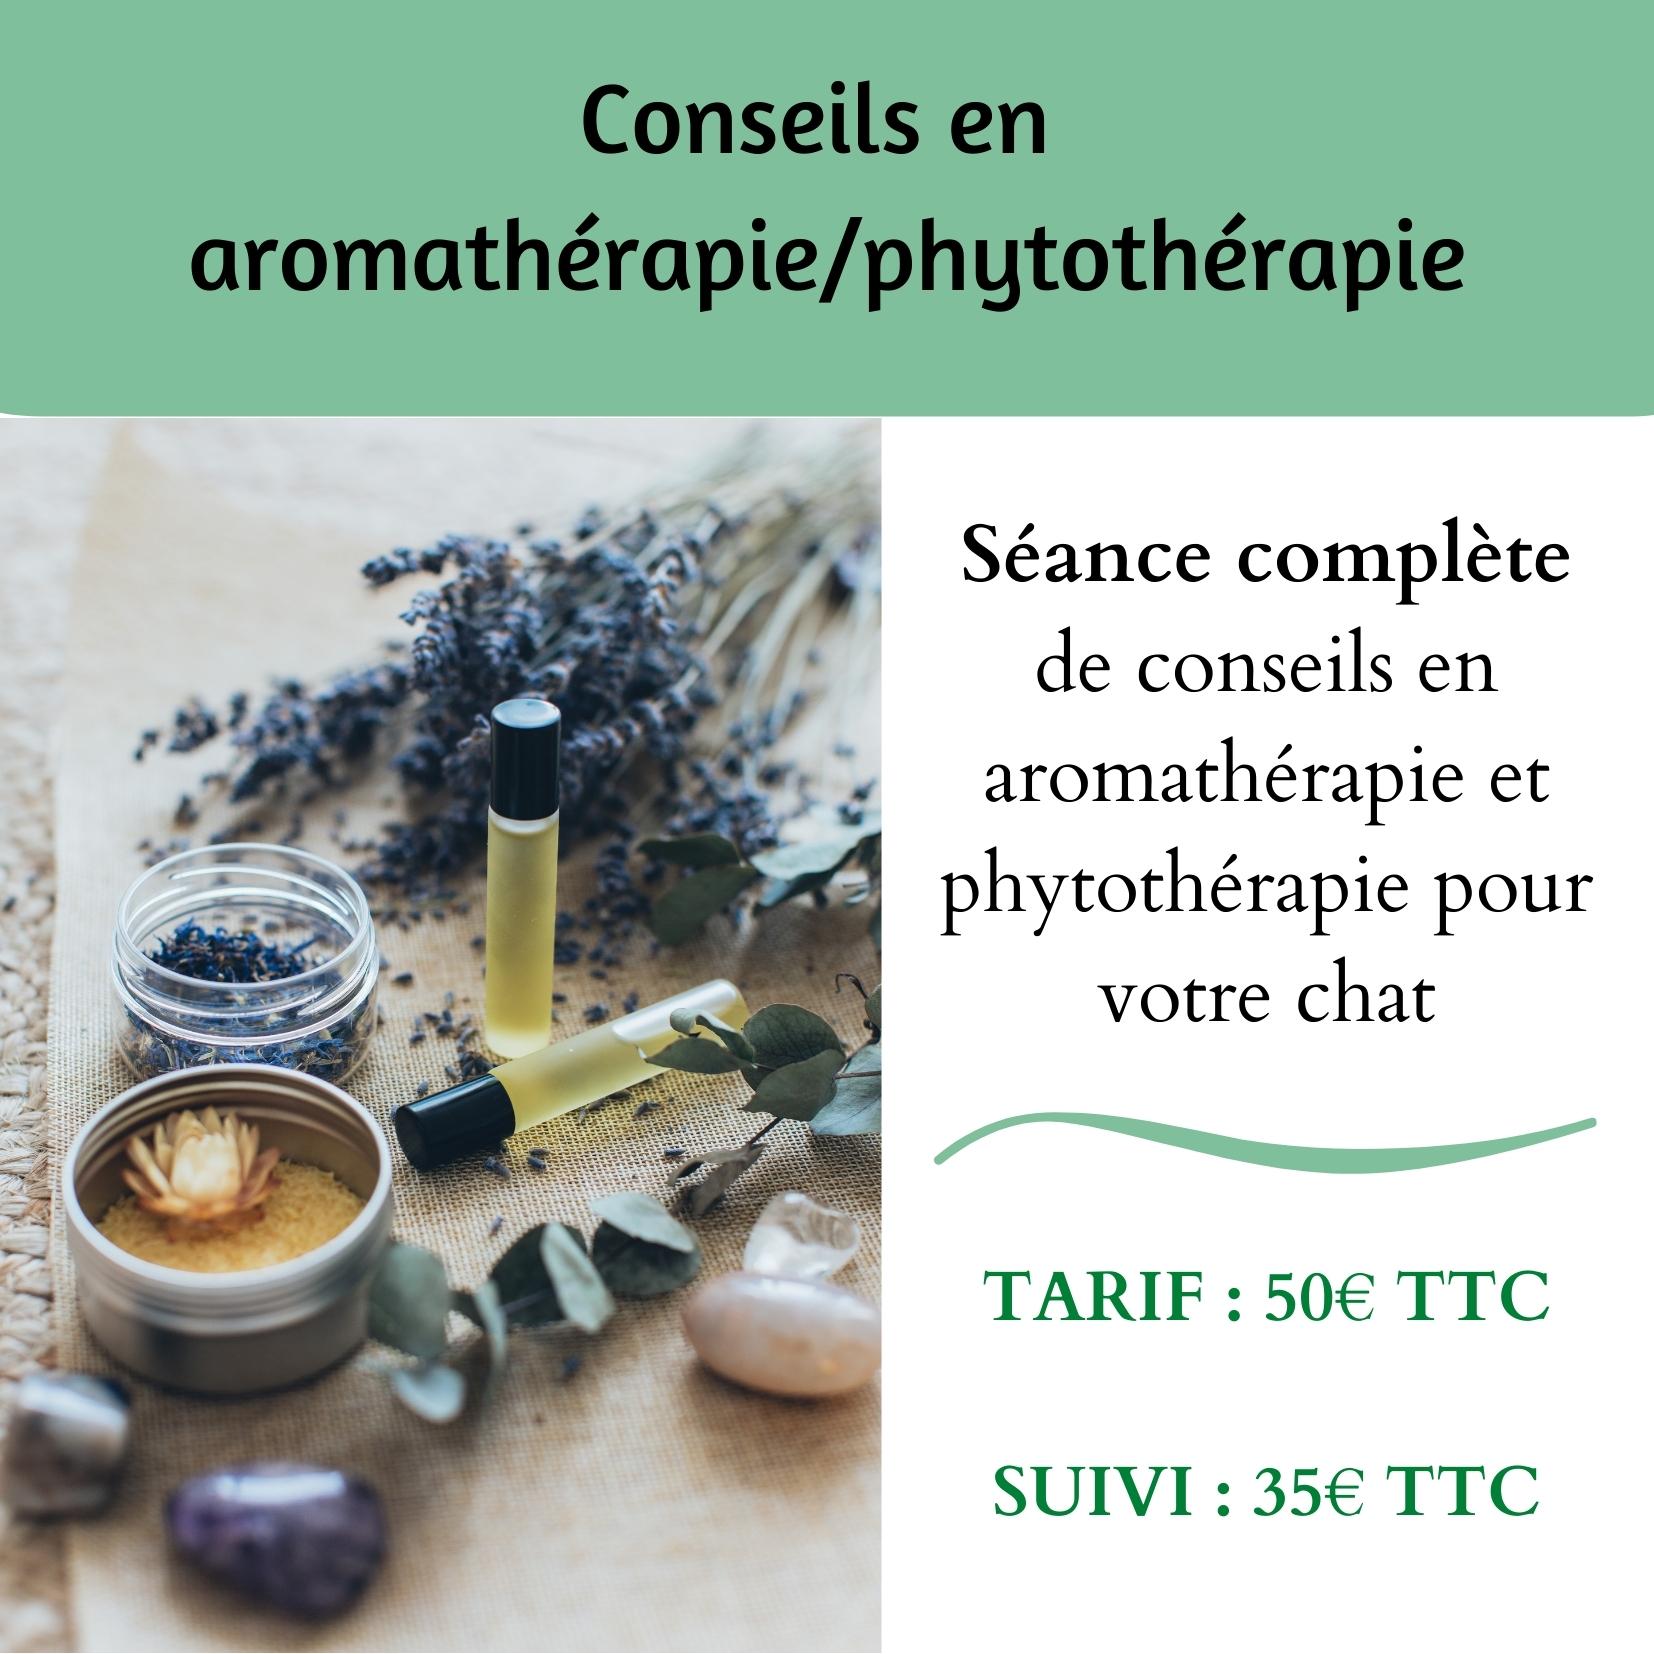 Conseils en aromathérapie & phytothérapie